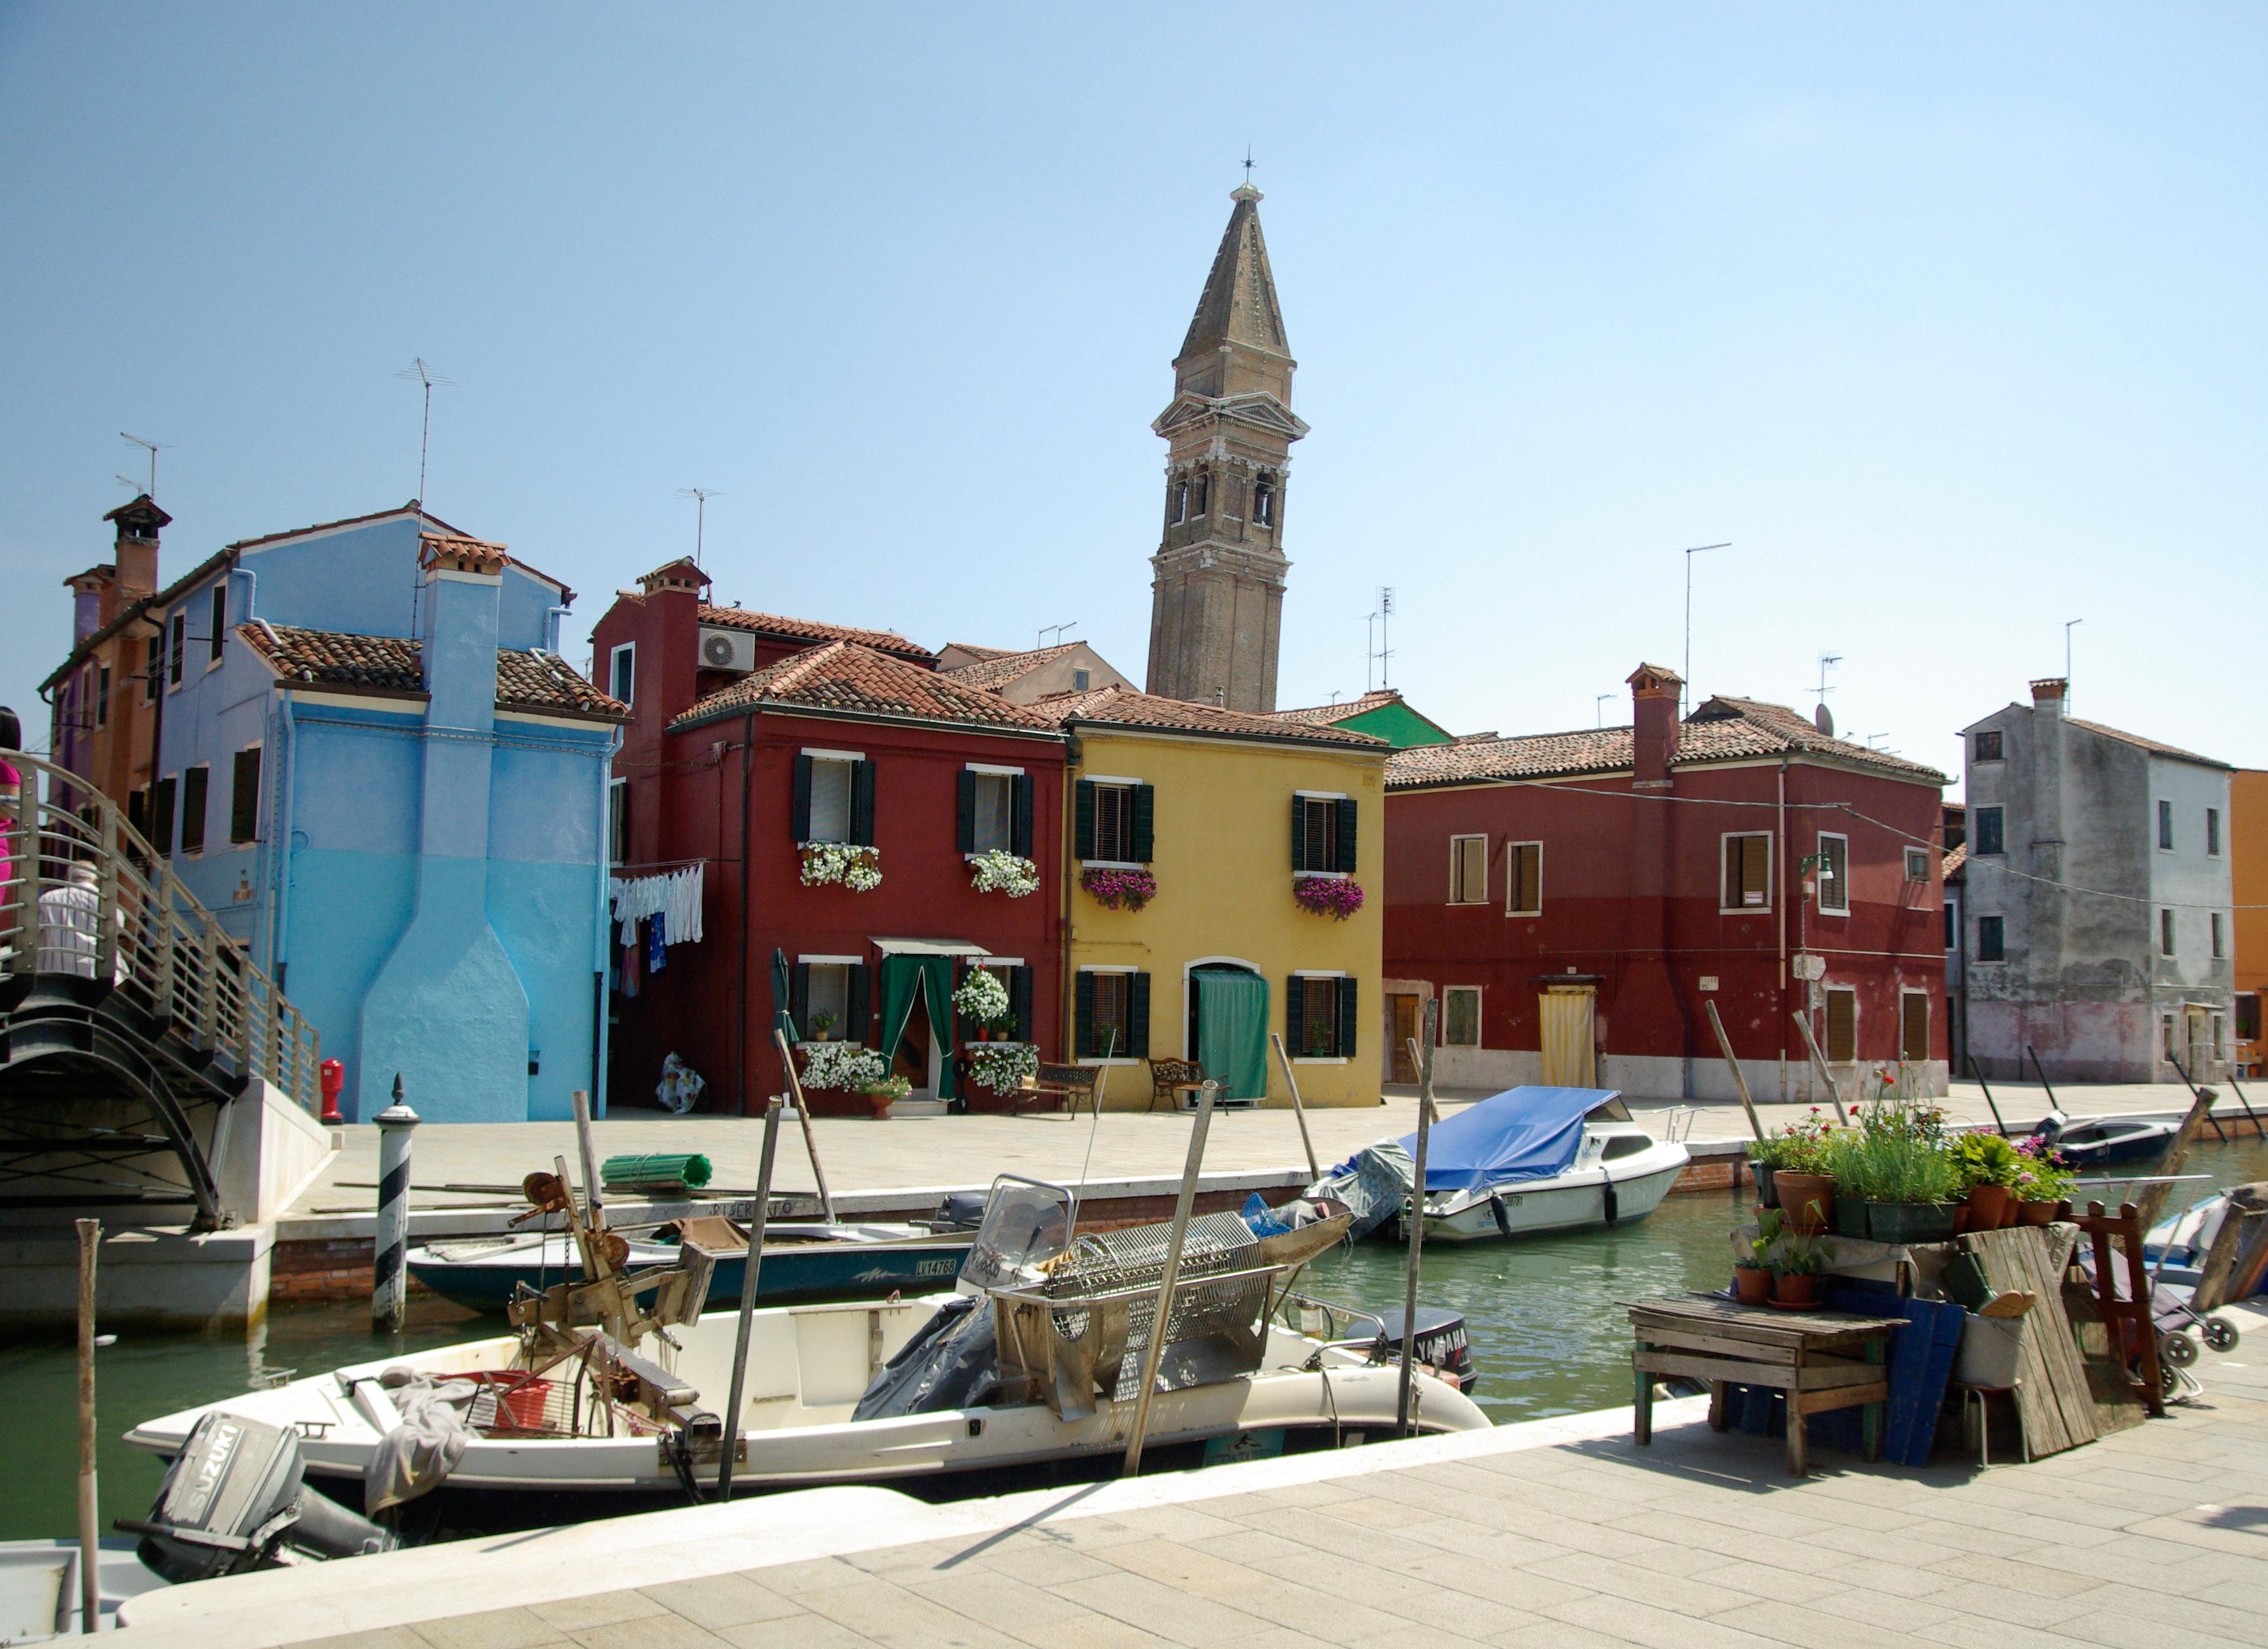 Poze : oraș, vehicul, plaza, Italia, turism, cale navigabilă